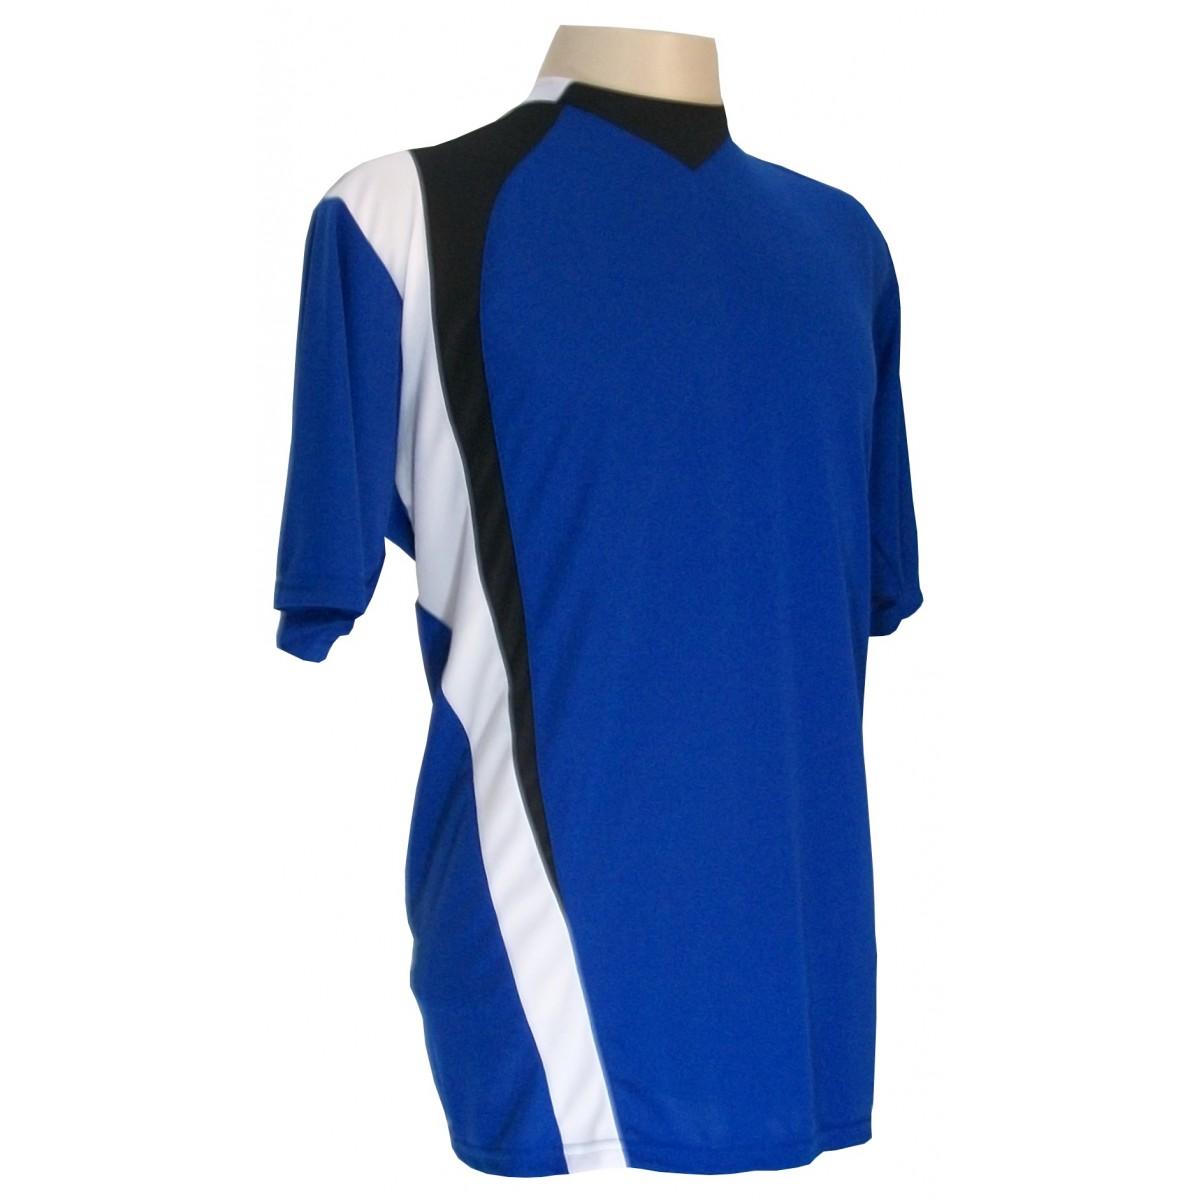 Uniforme Esportivo com 14 camisas modelo PSG Royal/Preto/Branco + 14 calções modelo Madrid Branco